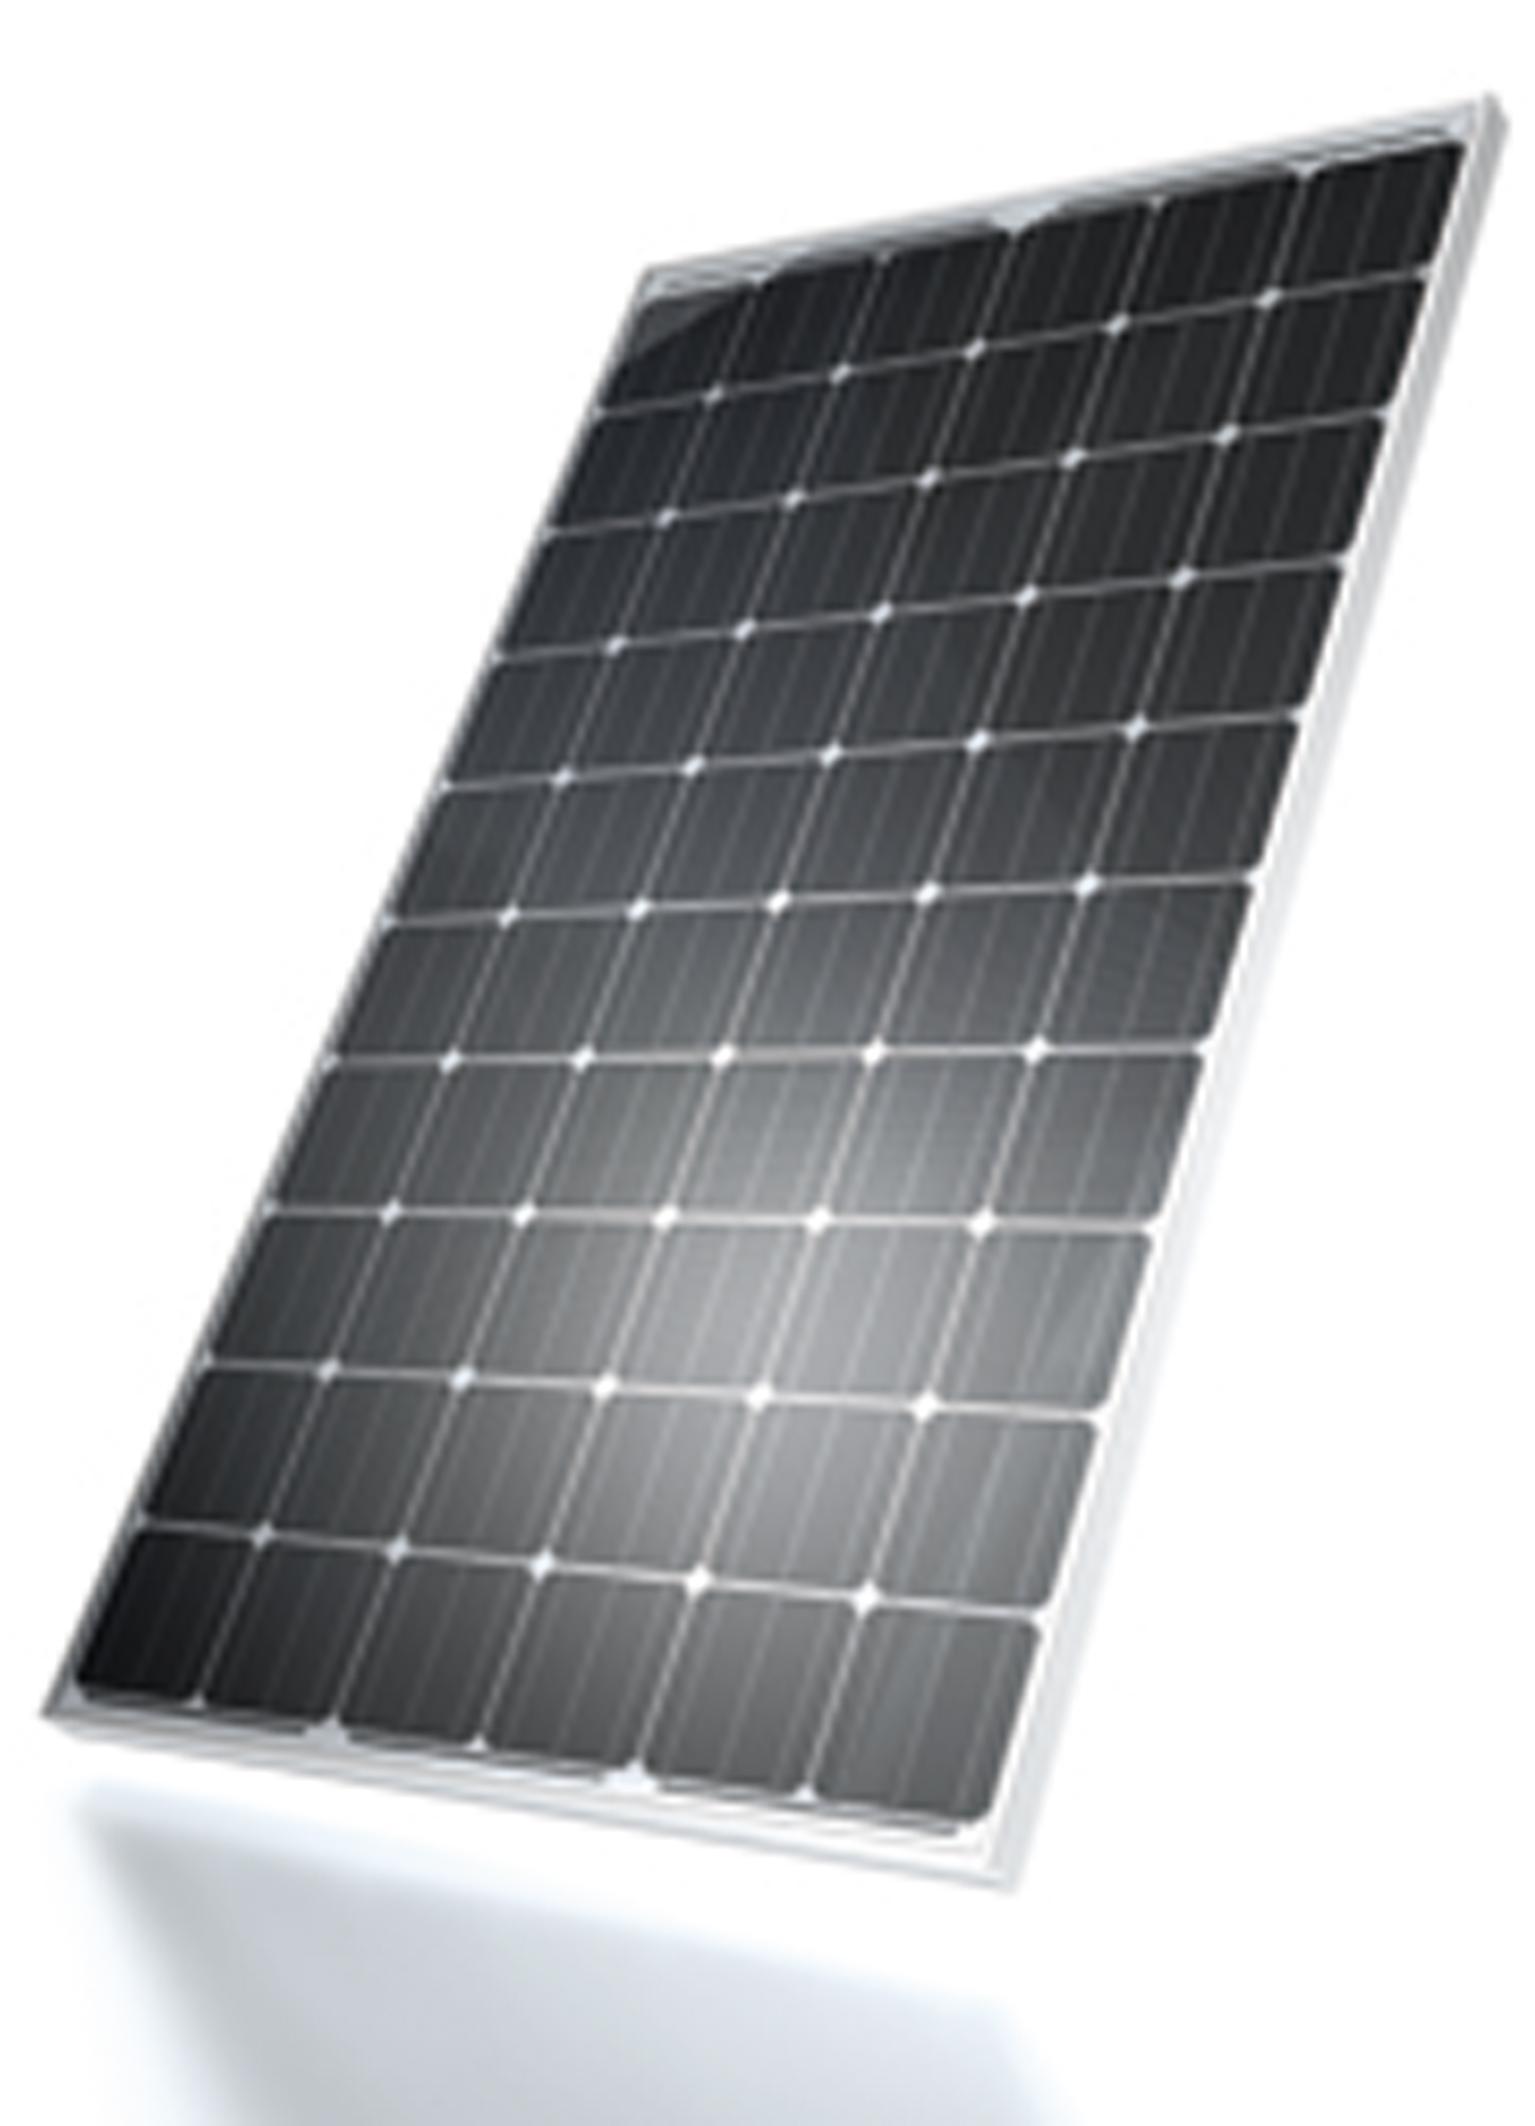 Pannello Solare Fotovoltaico Integrato : Pannelli solari fotovoltaici bosch prezzi